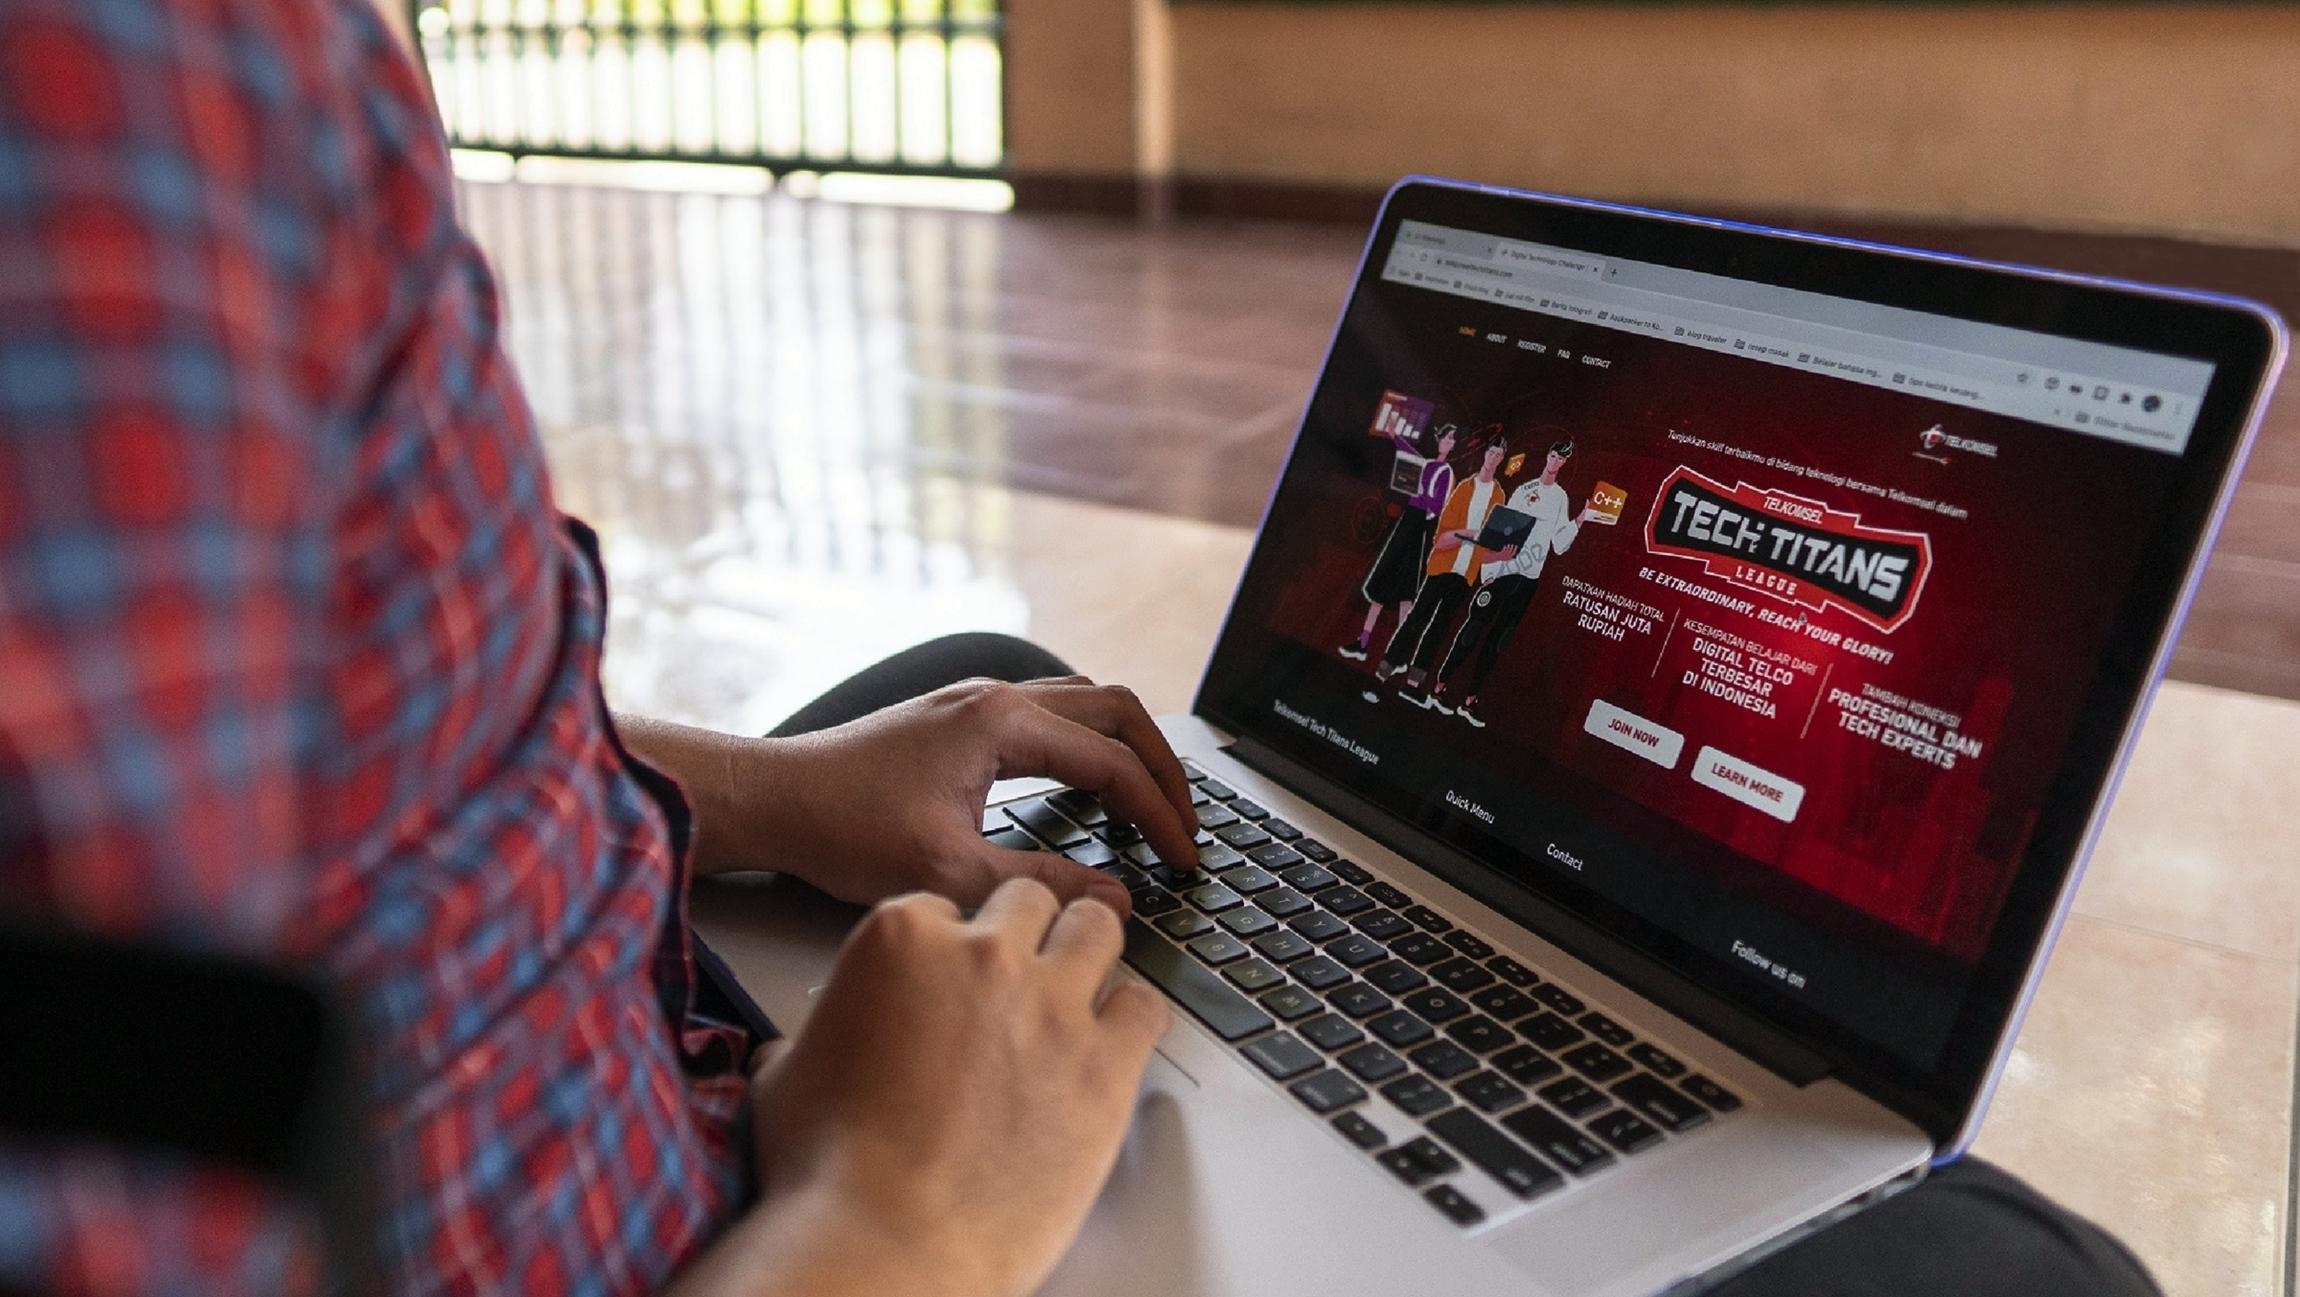 3 Fakta kompetisi yang menantang anak muda unjuk kemampuan digital